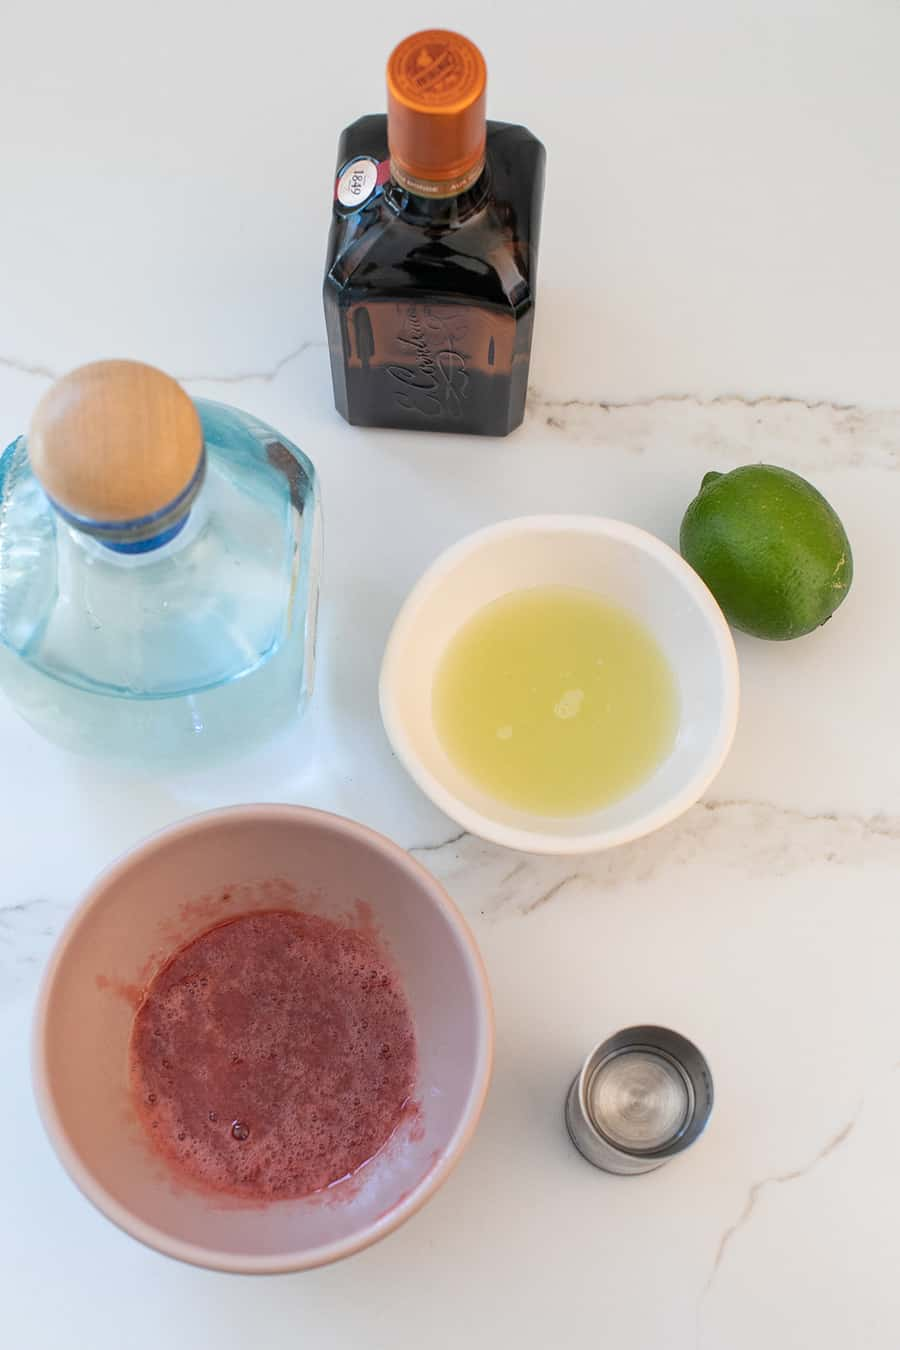 Tekila, limon suyu, margarita yapmak için basit şurup